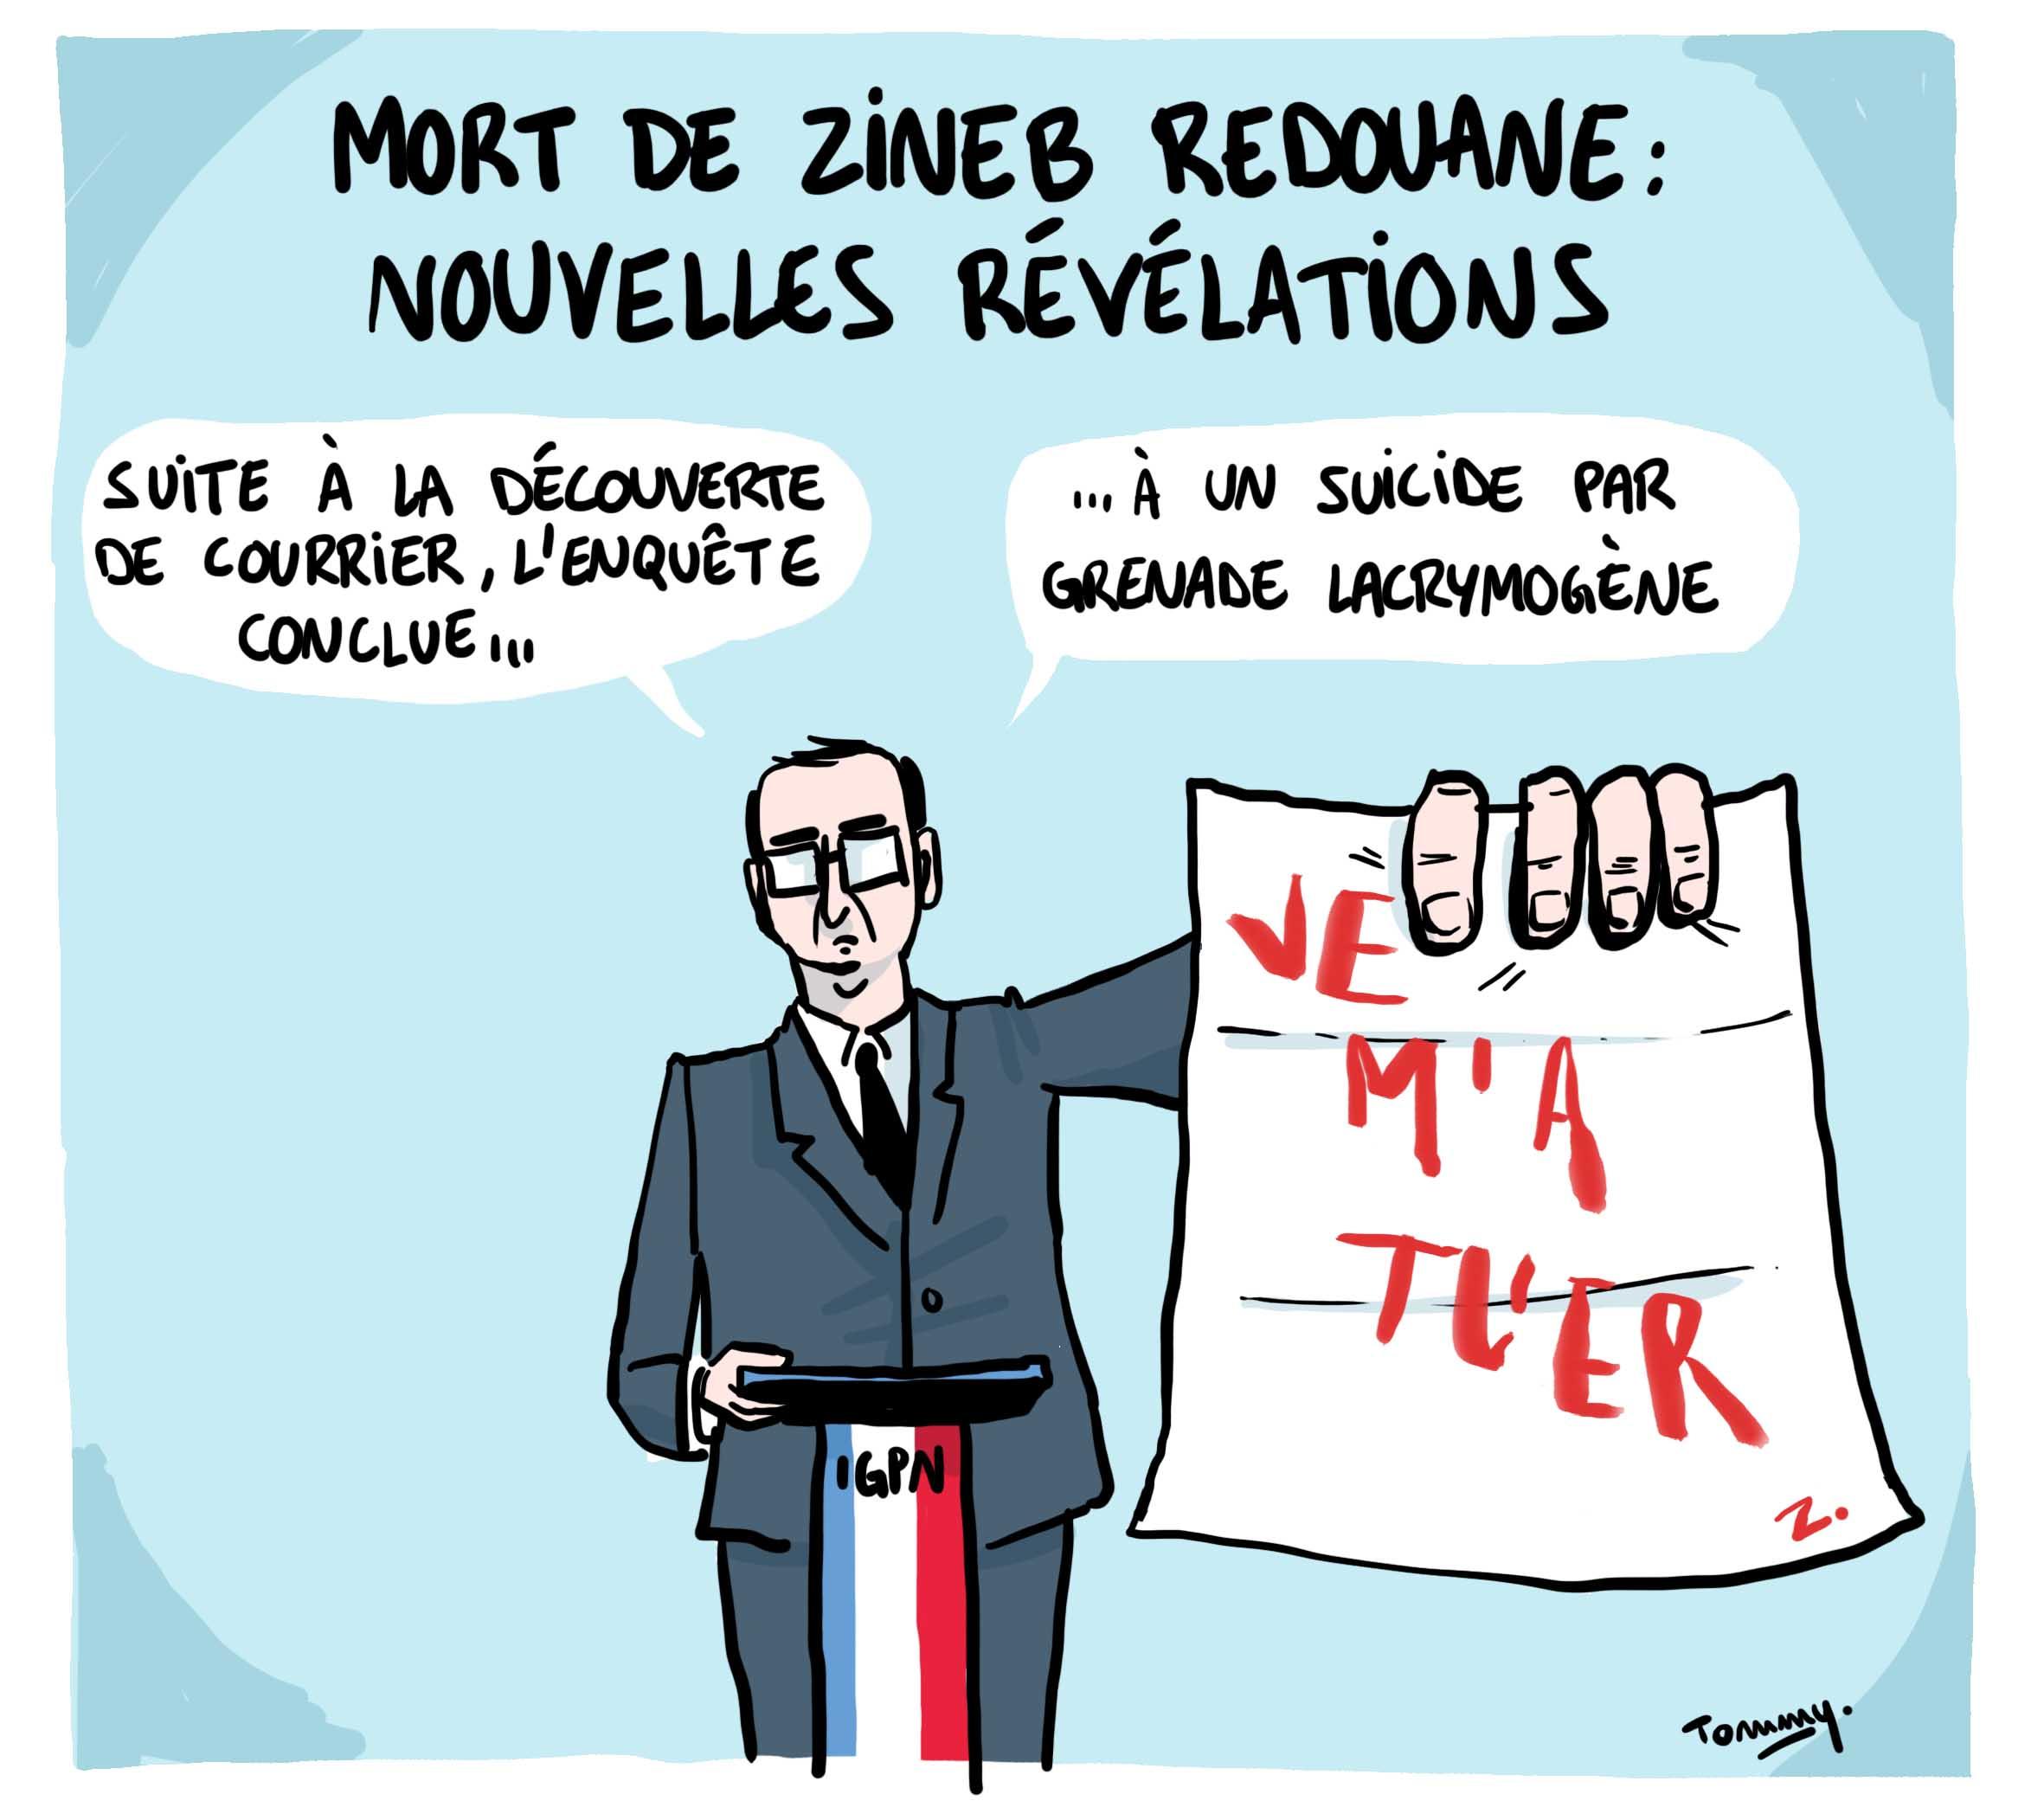 Zineb Redouane : révélations